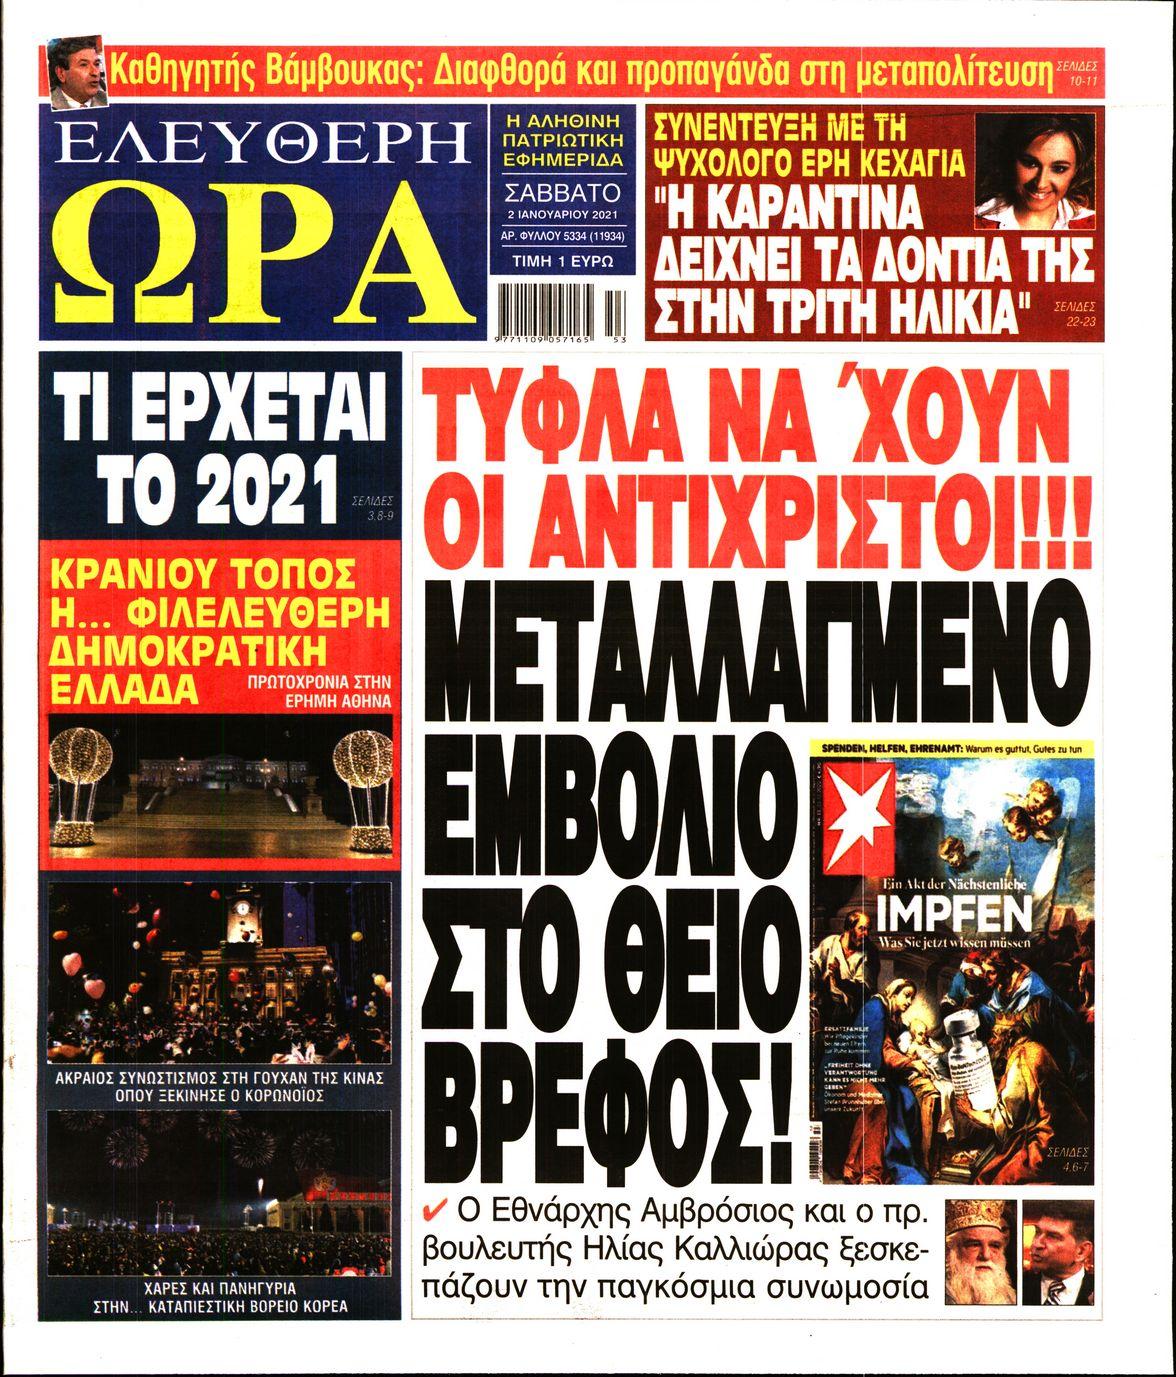 https://www.newsbeast.gr/files/1/newspapers/2021/01/02/27760790_47.jpg